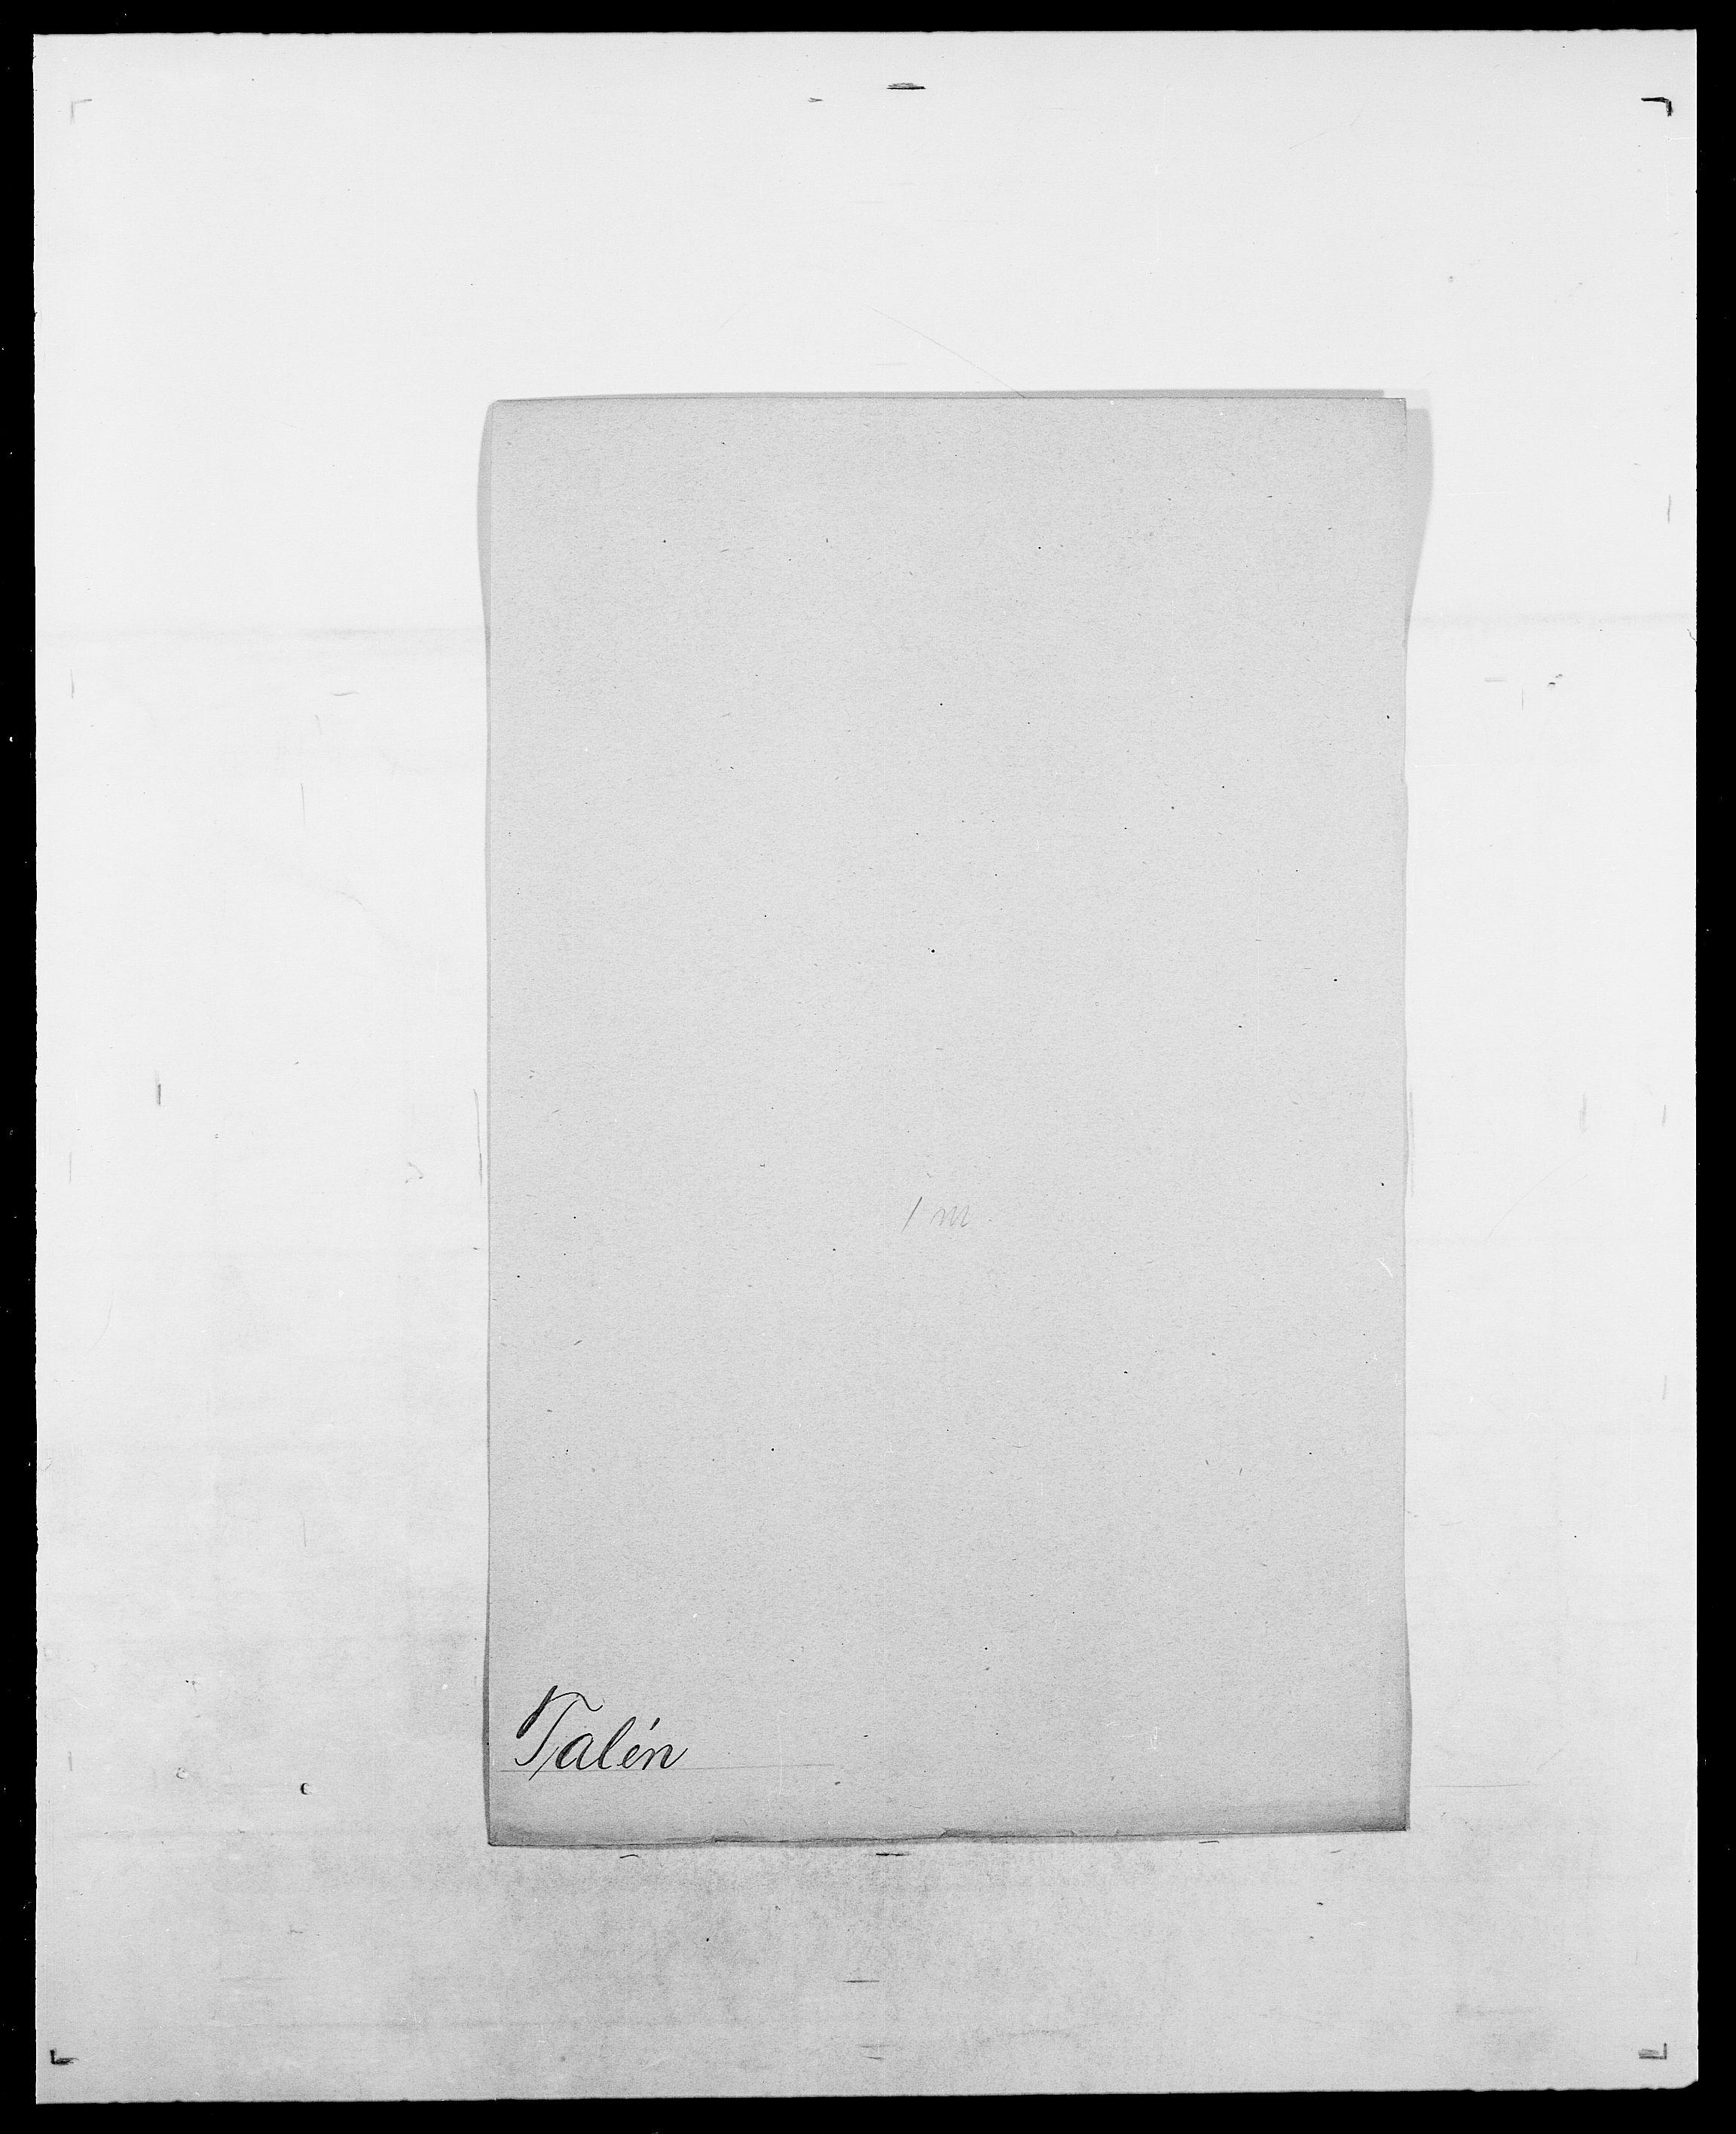 SAO, Delgobe, Charles Antoine - samling, D/Da/L0038: Svanenskjold - Thornsohn, s. 274